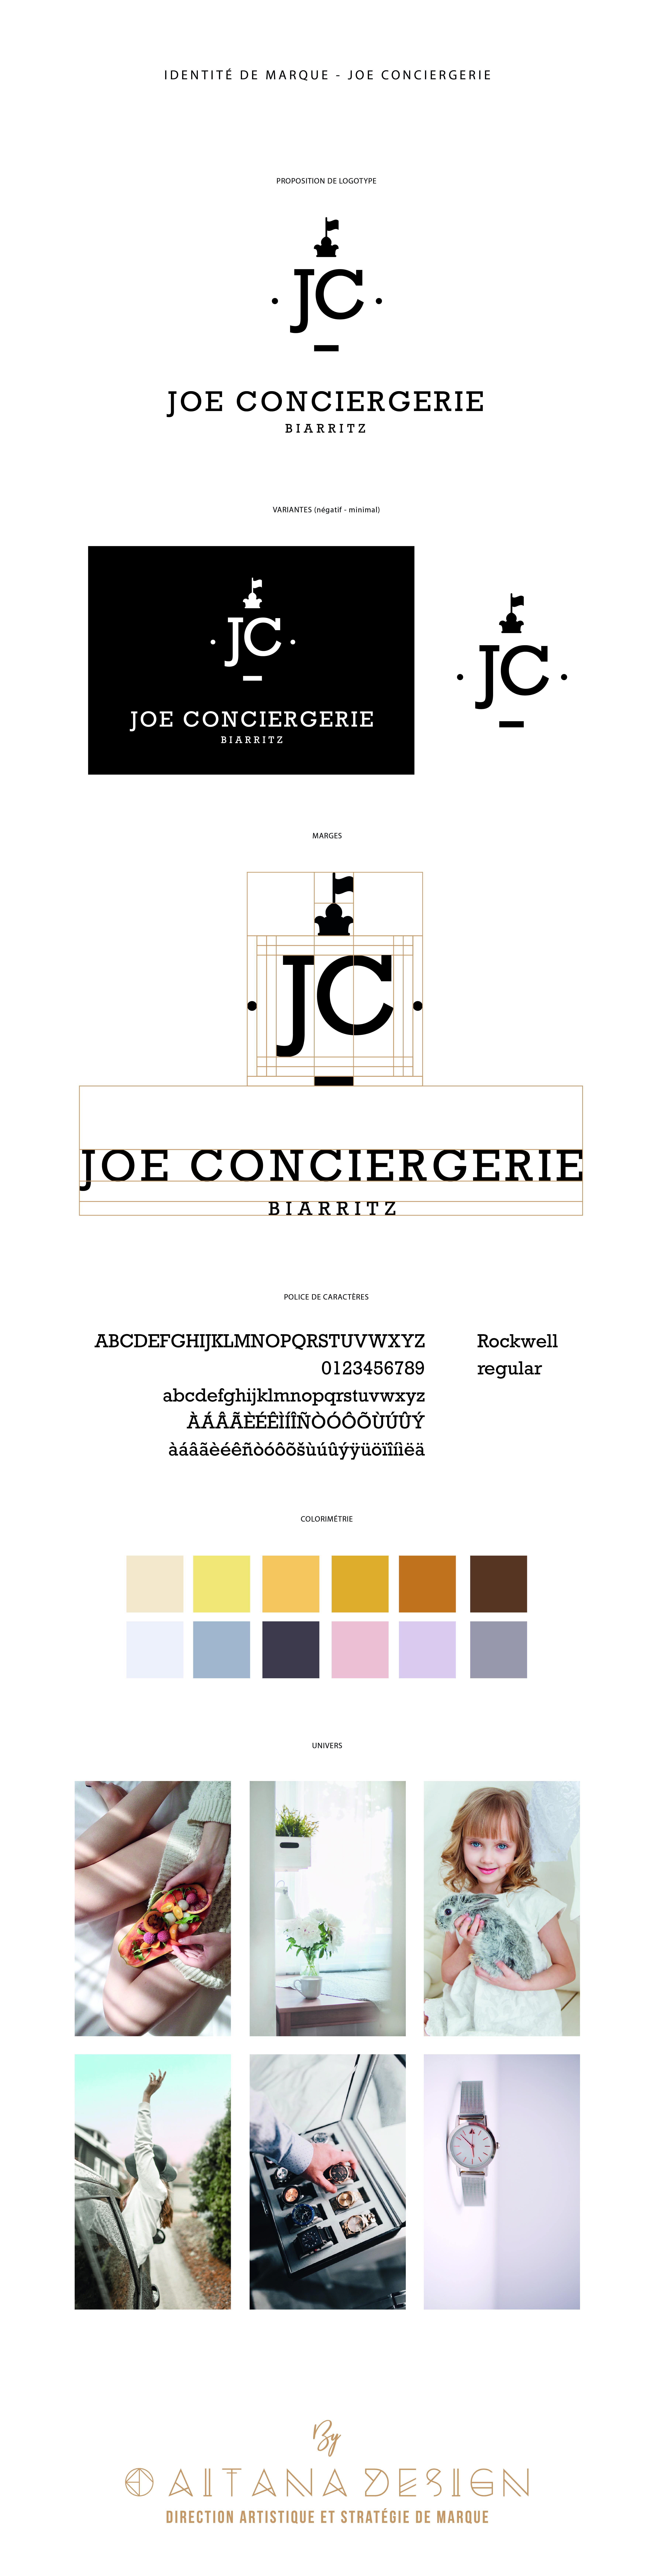 Joe-Conciergerie-AD